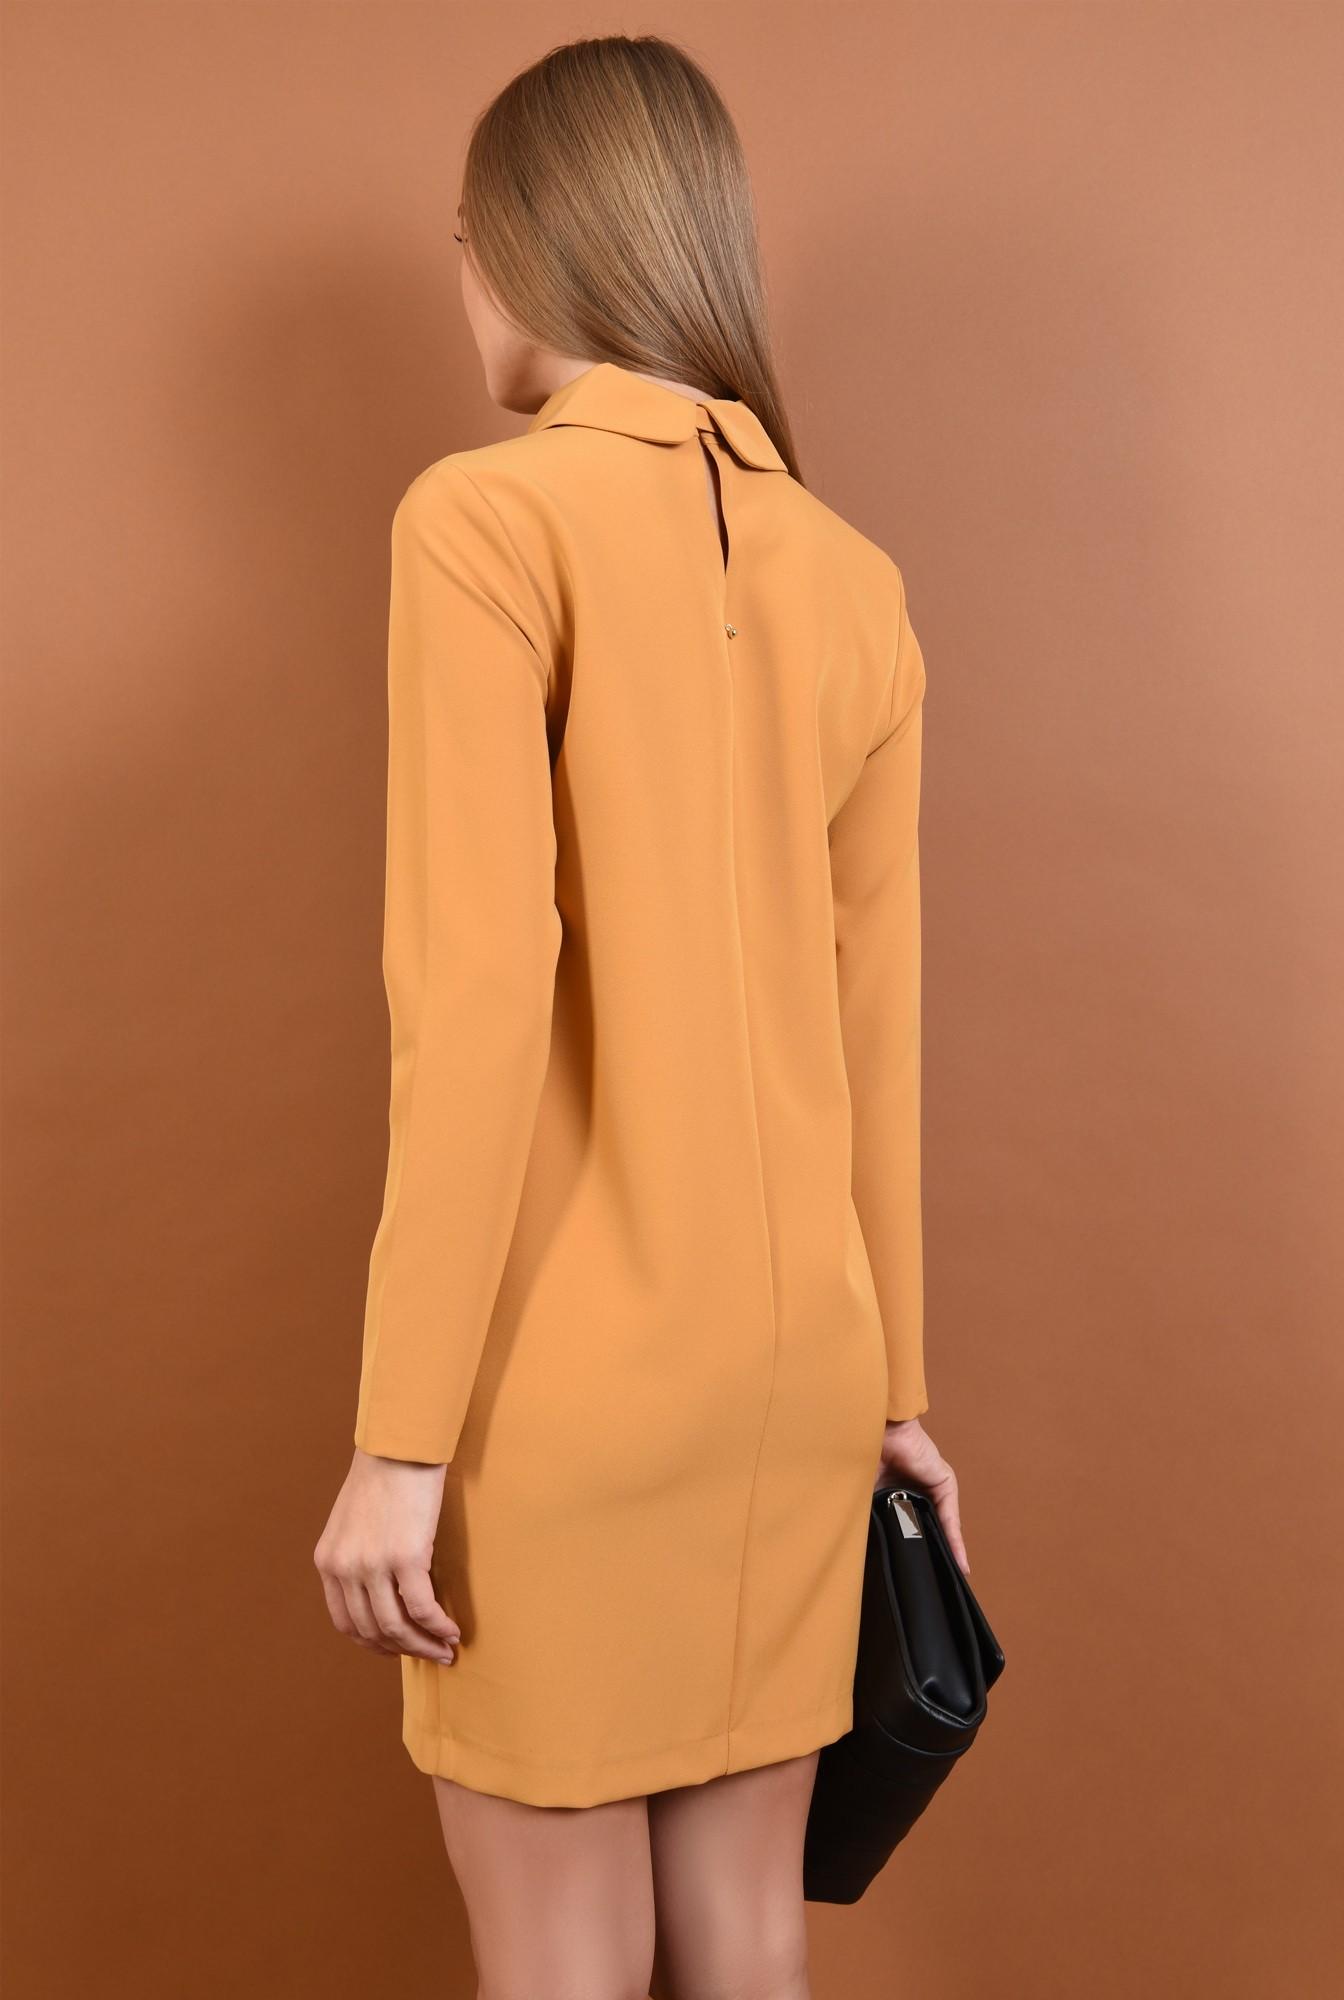 1 - rochie mustar, mini, dreapta, guler rotunjit cu funda